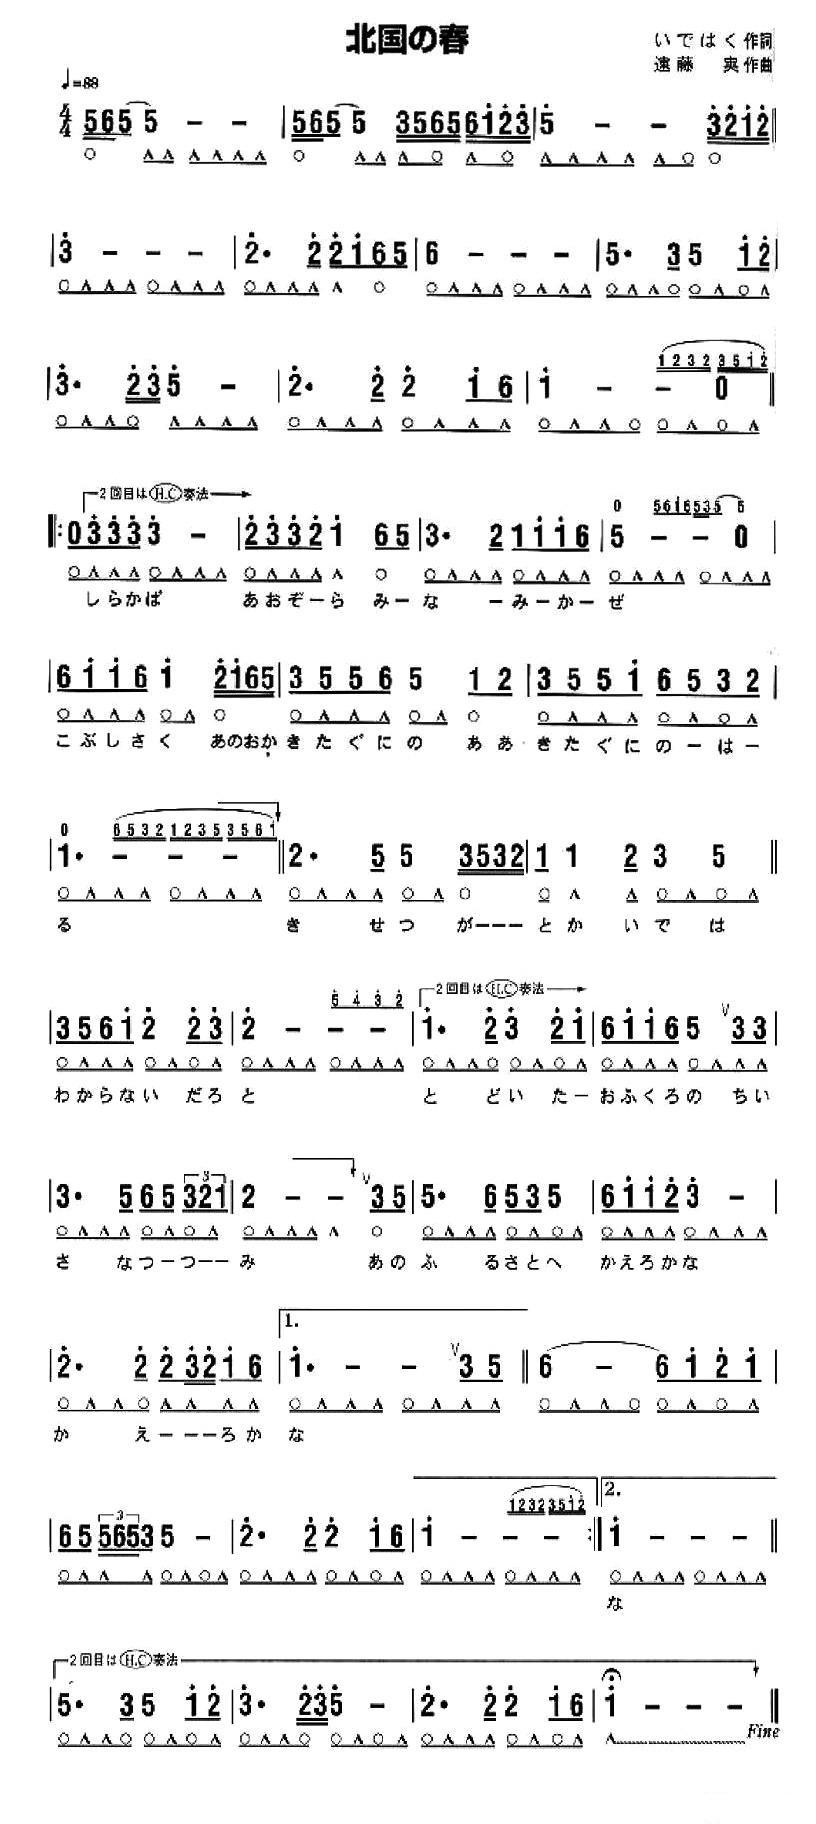 喜洋洋二胡曲谱五线谱-口琴乐谱--北国之春 版本1-北国之春 钢琴演奏谱 二胡谱 弹唱谱等版本